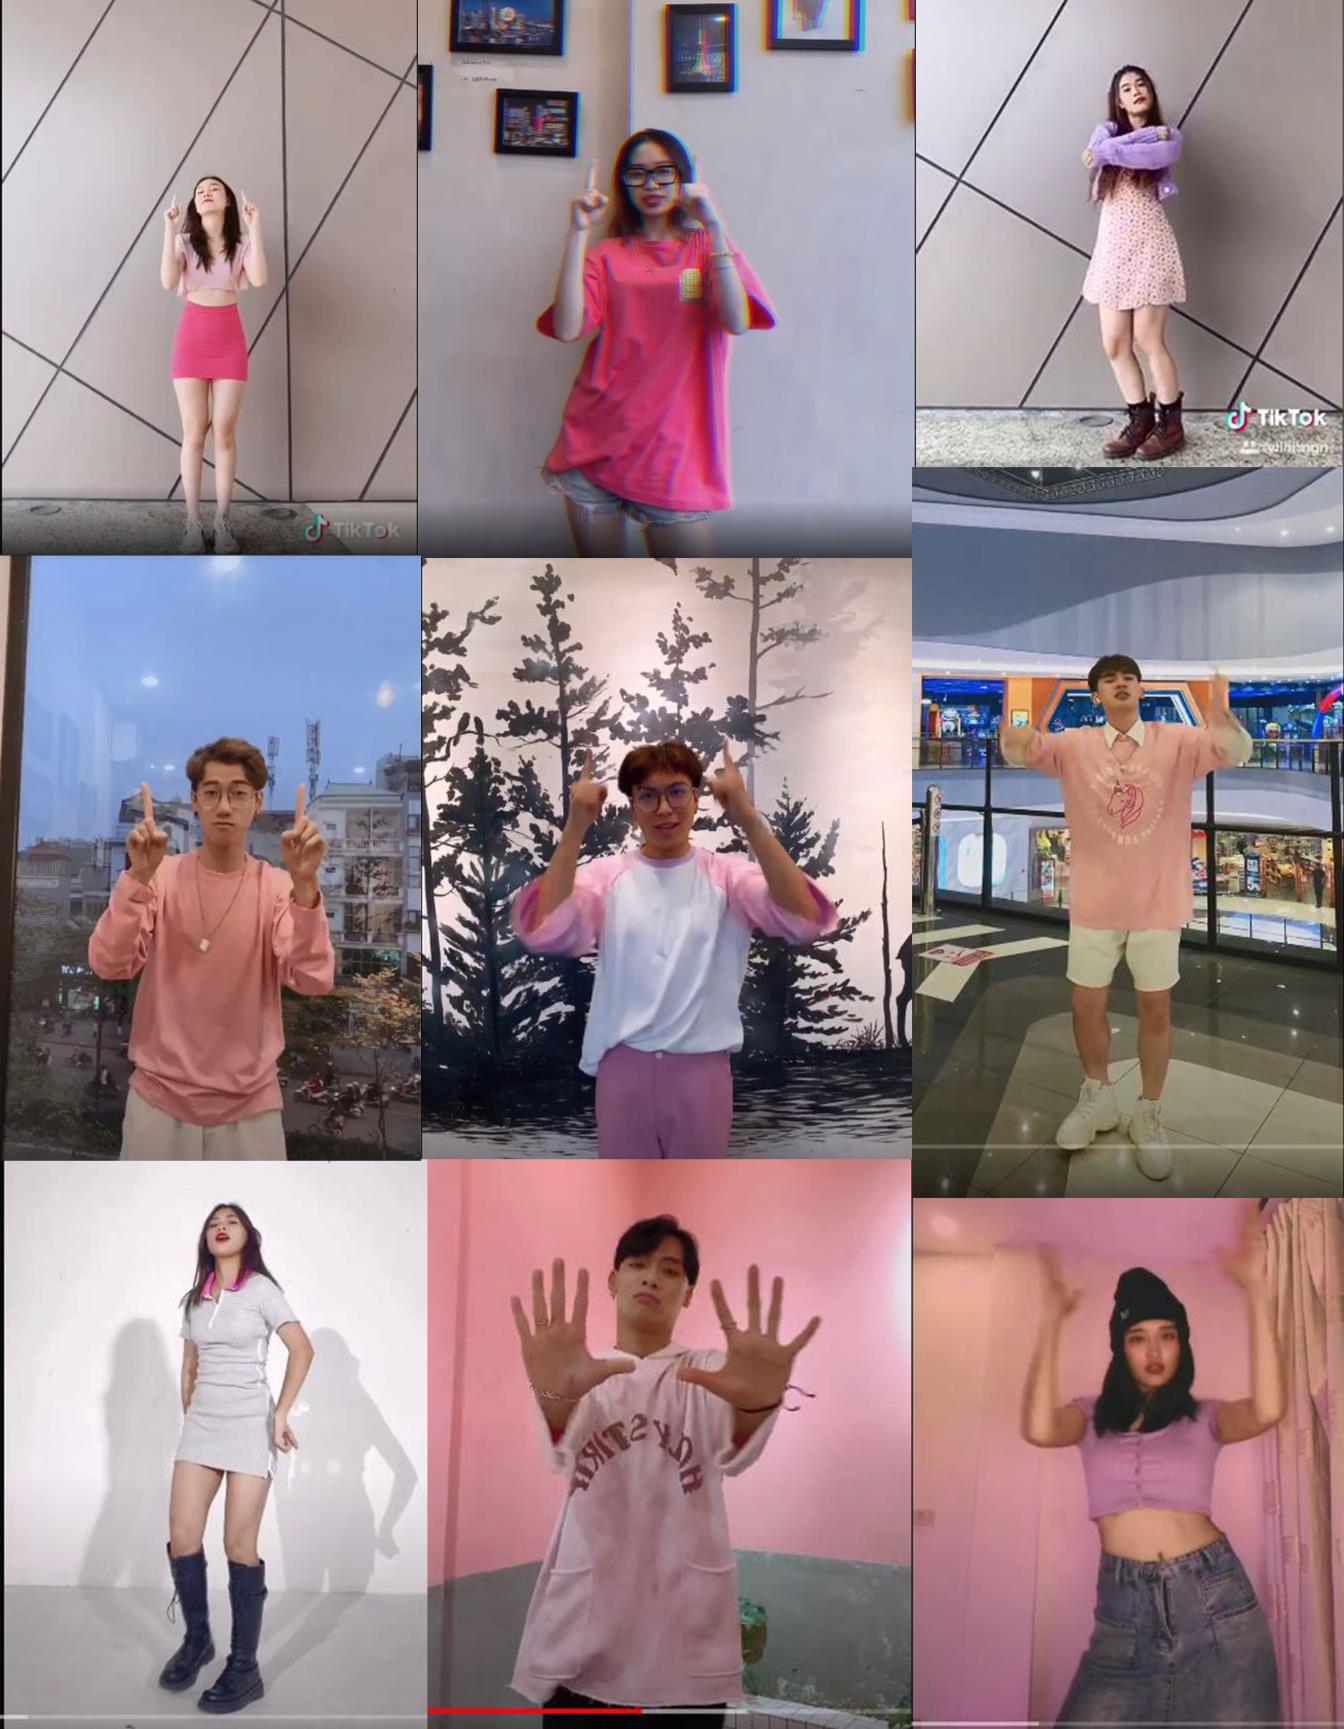 Quang Đăng tung trend mới khiến TikTok chao đảo tiếp nối bản cover hit Bigcityboi của Binz - Ảnh 2.